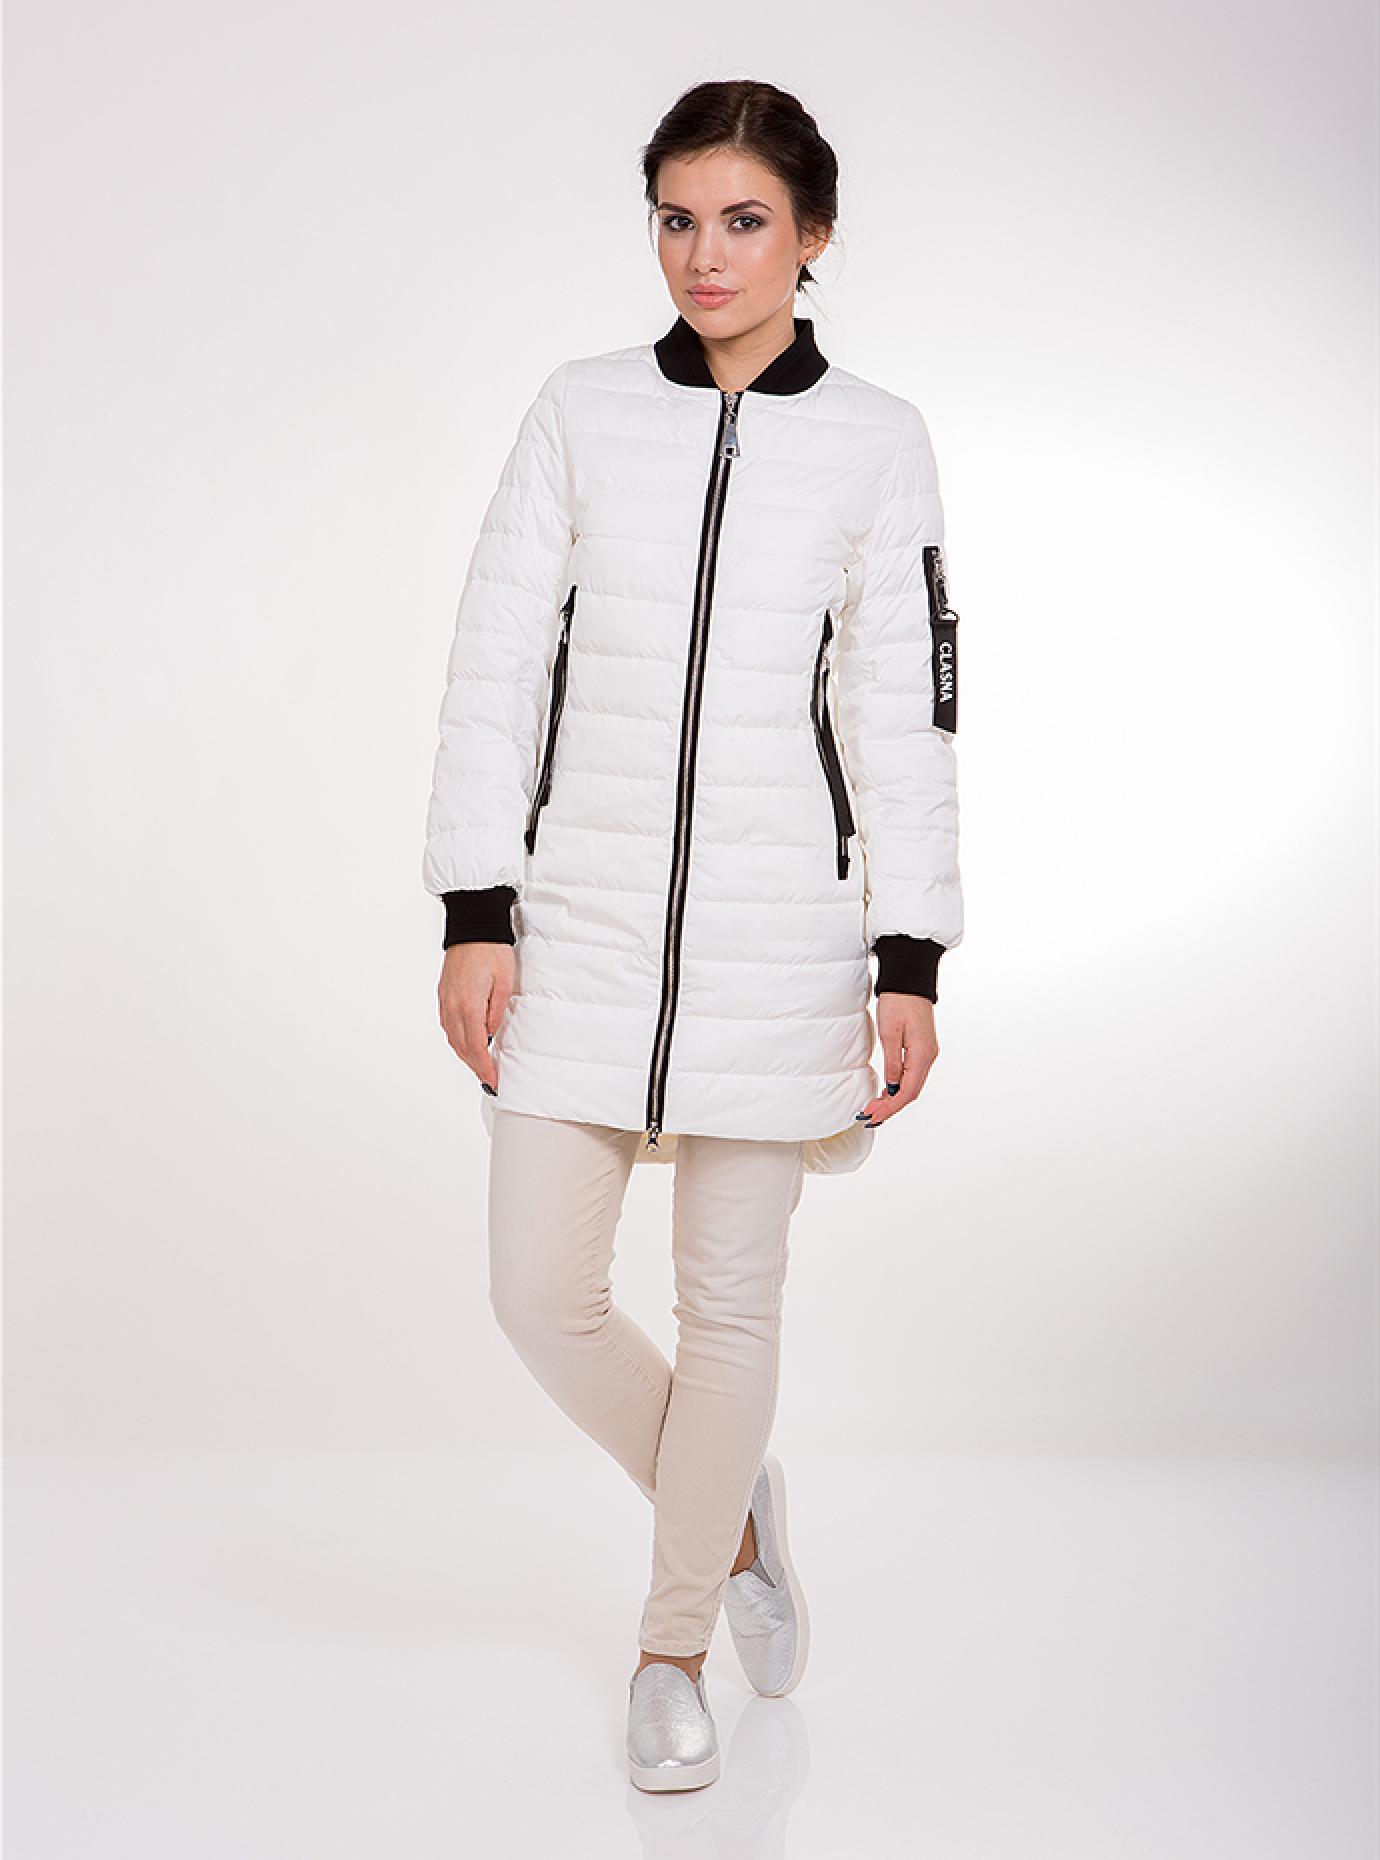 Куртка женская демисезонная с молниями Белый XS (02-CD18151): фото - Alster.ua